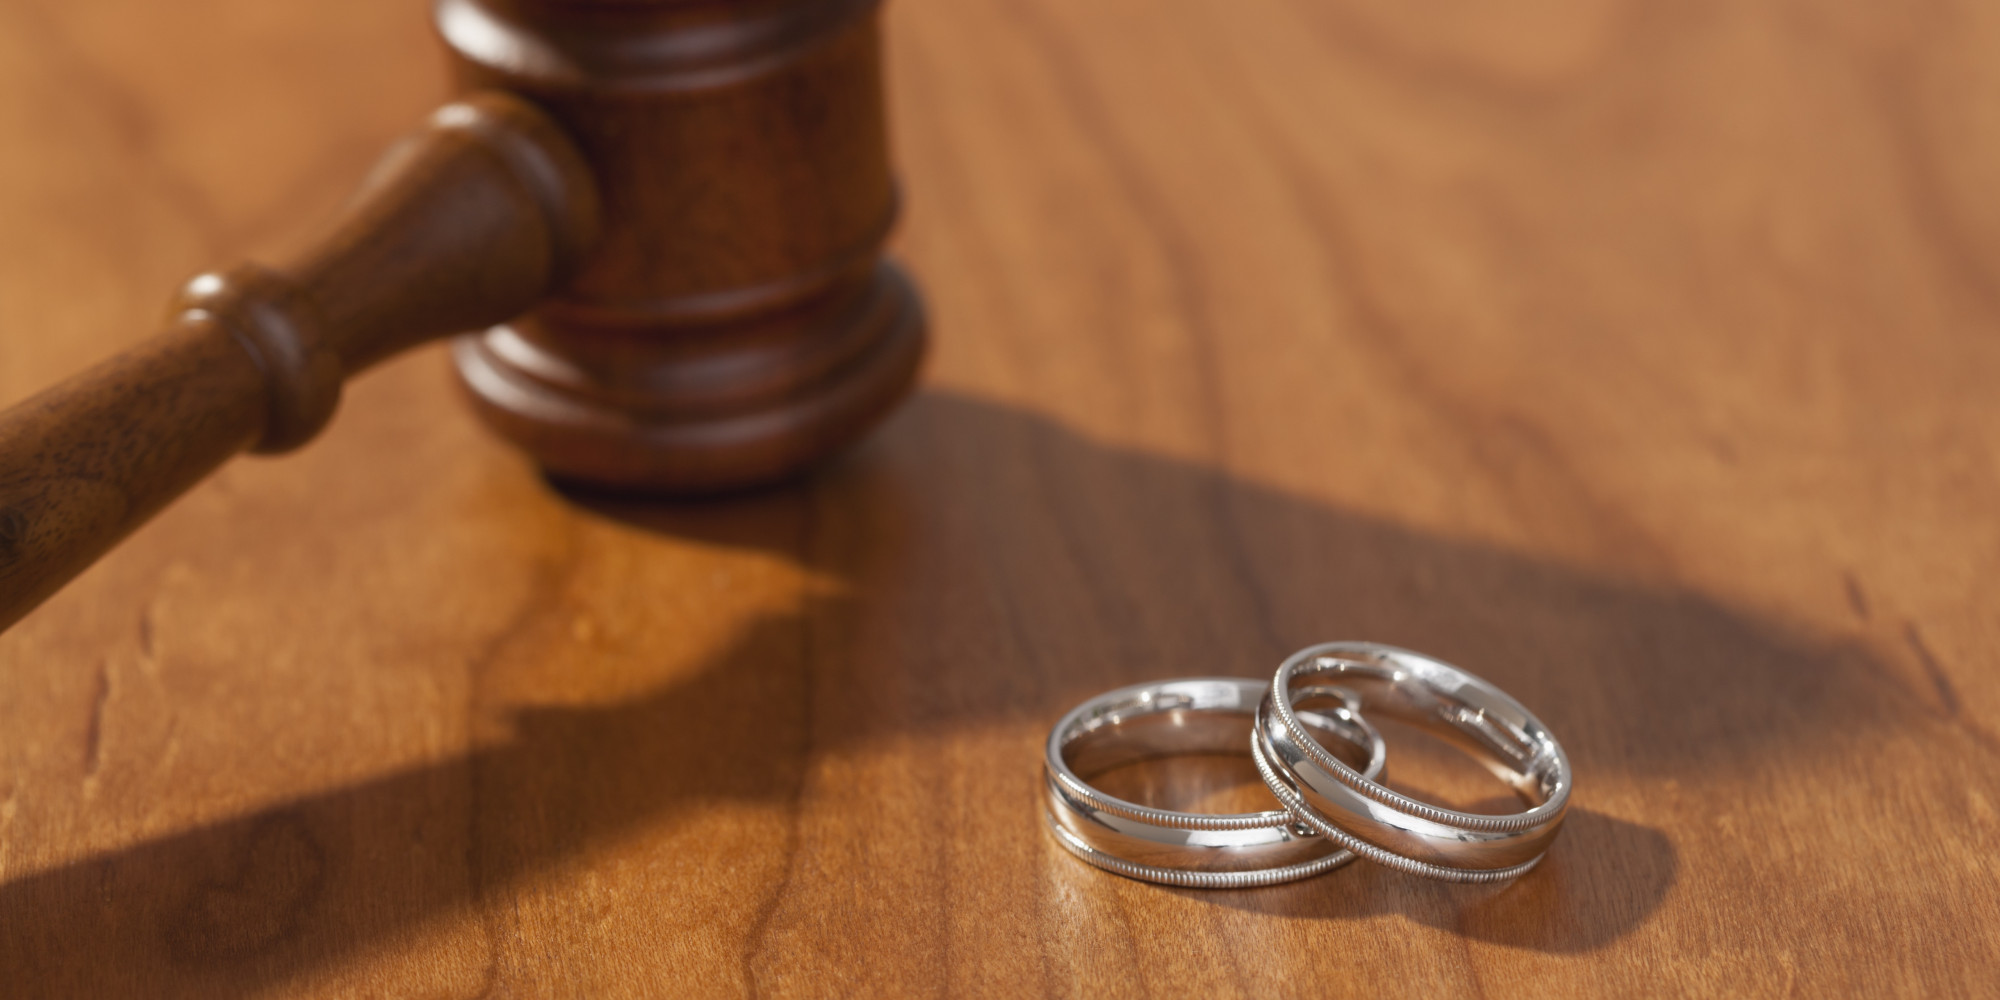 суд по бракоразводным делам